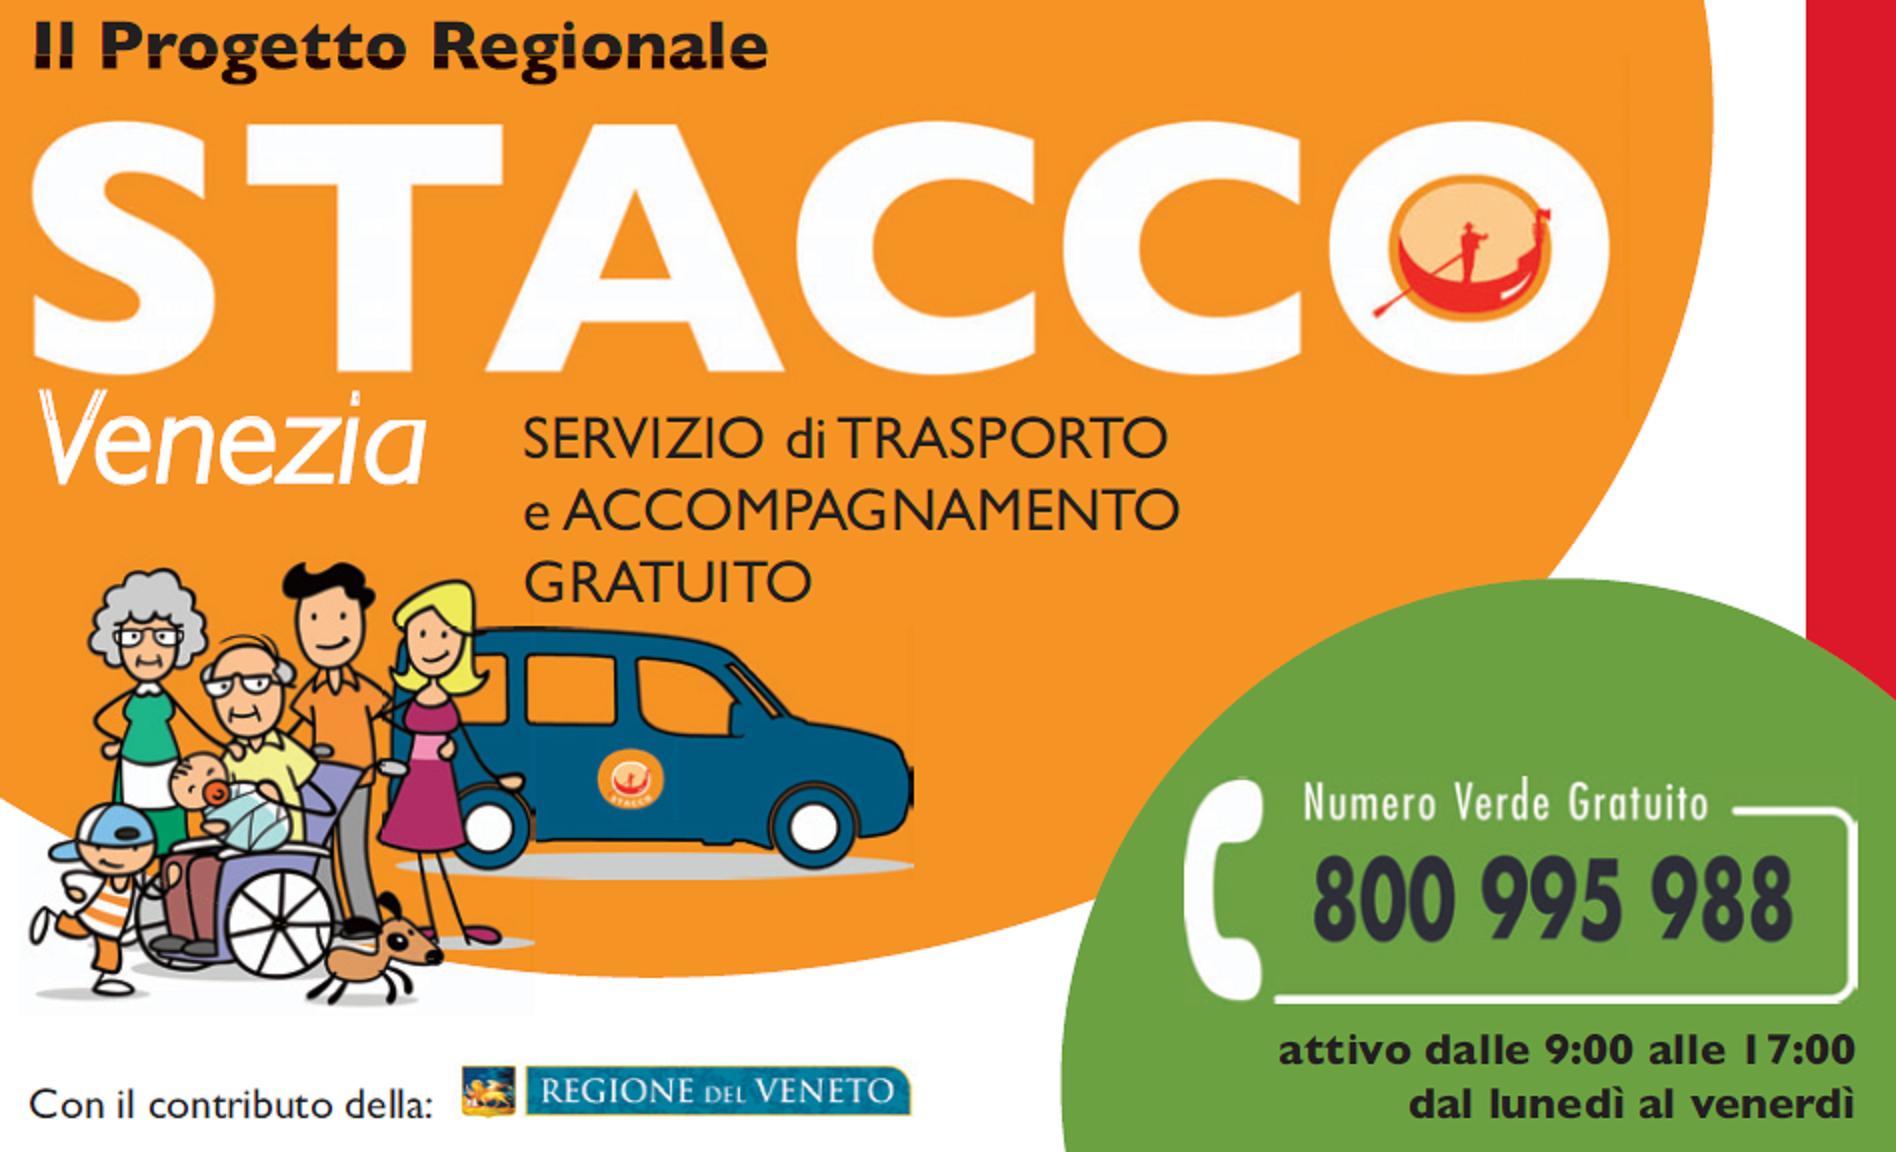 400 mila euro per chi trasporta gratuitamente anziani e - Contributo regionale fvg prima casa 2017 ...